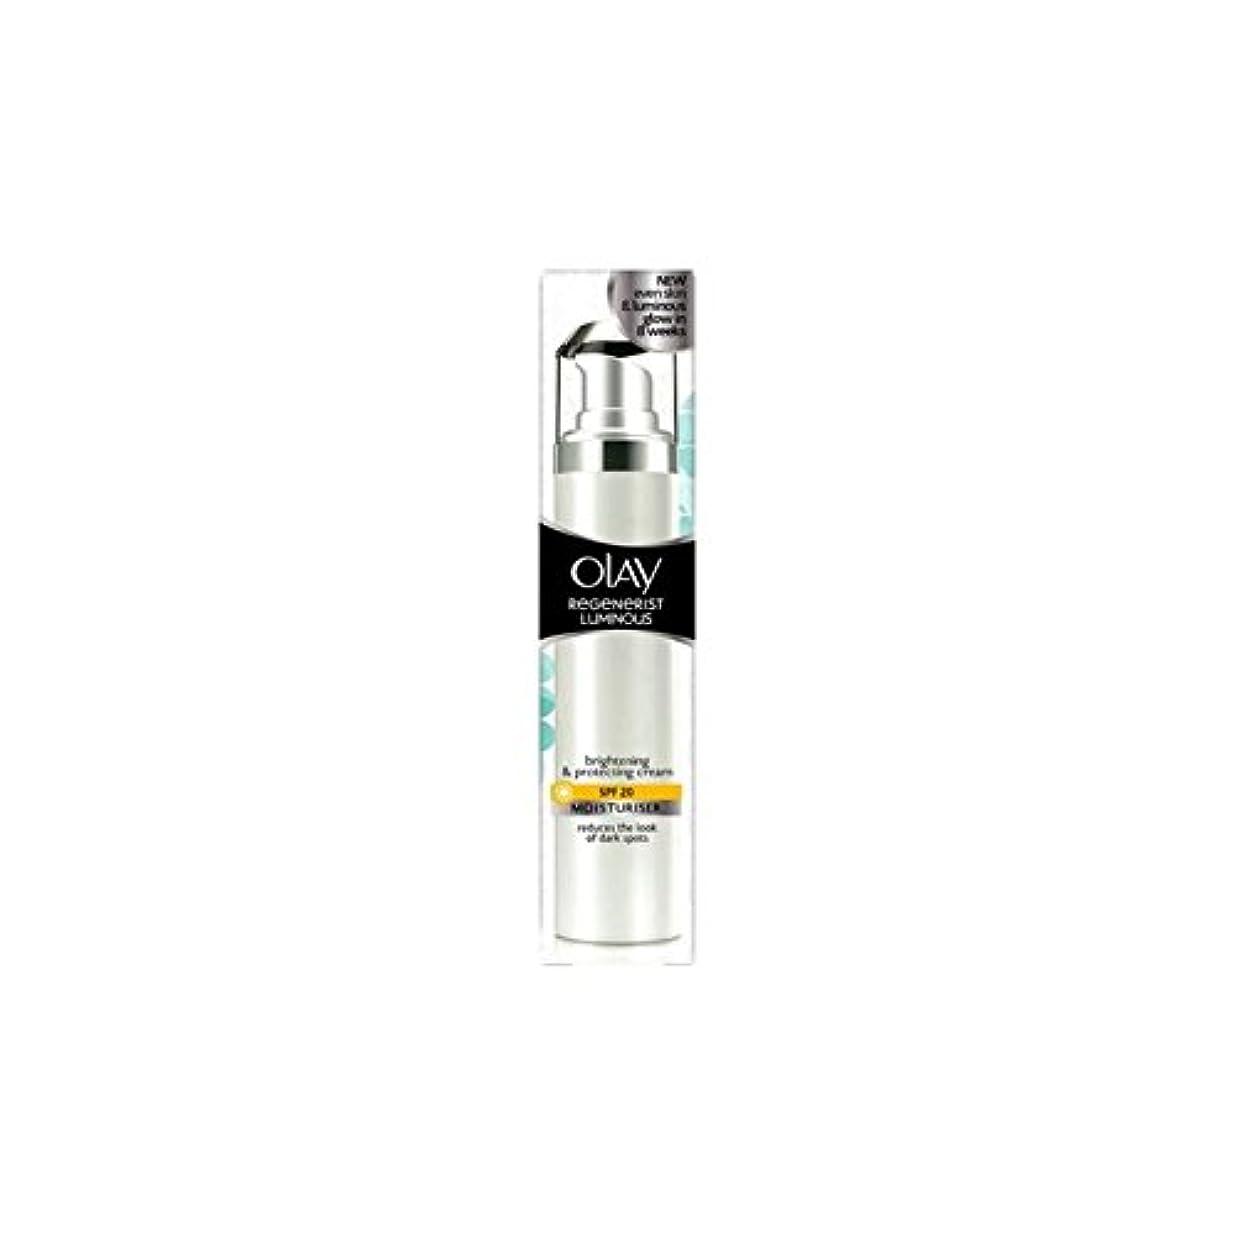 教育学タイプライターマークOlay Regenerist Luminous Day Cream Spf20 (50ml) (Pack of 6) - オーレイリジェネ発光デイクリーム20(50ミリリットル) x6 [並行輸入品]